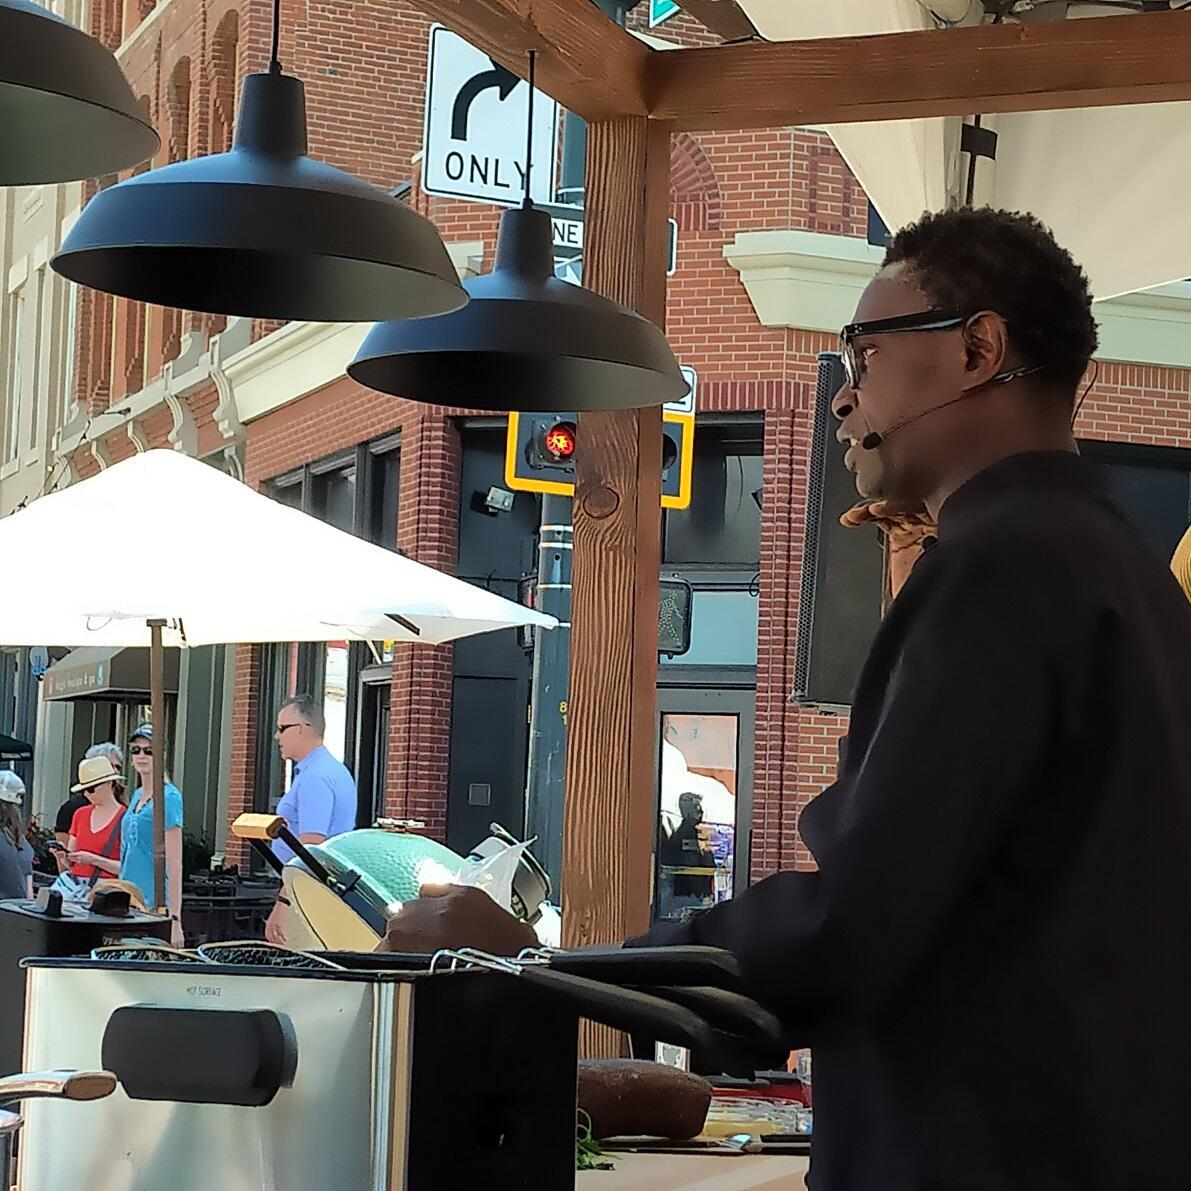 El chef senagalés, Pierre Thiam, preparando sus croquetas con Fonio en el evento de Slow Food Nations, en Denver, Colorado. Julio de 2019.